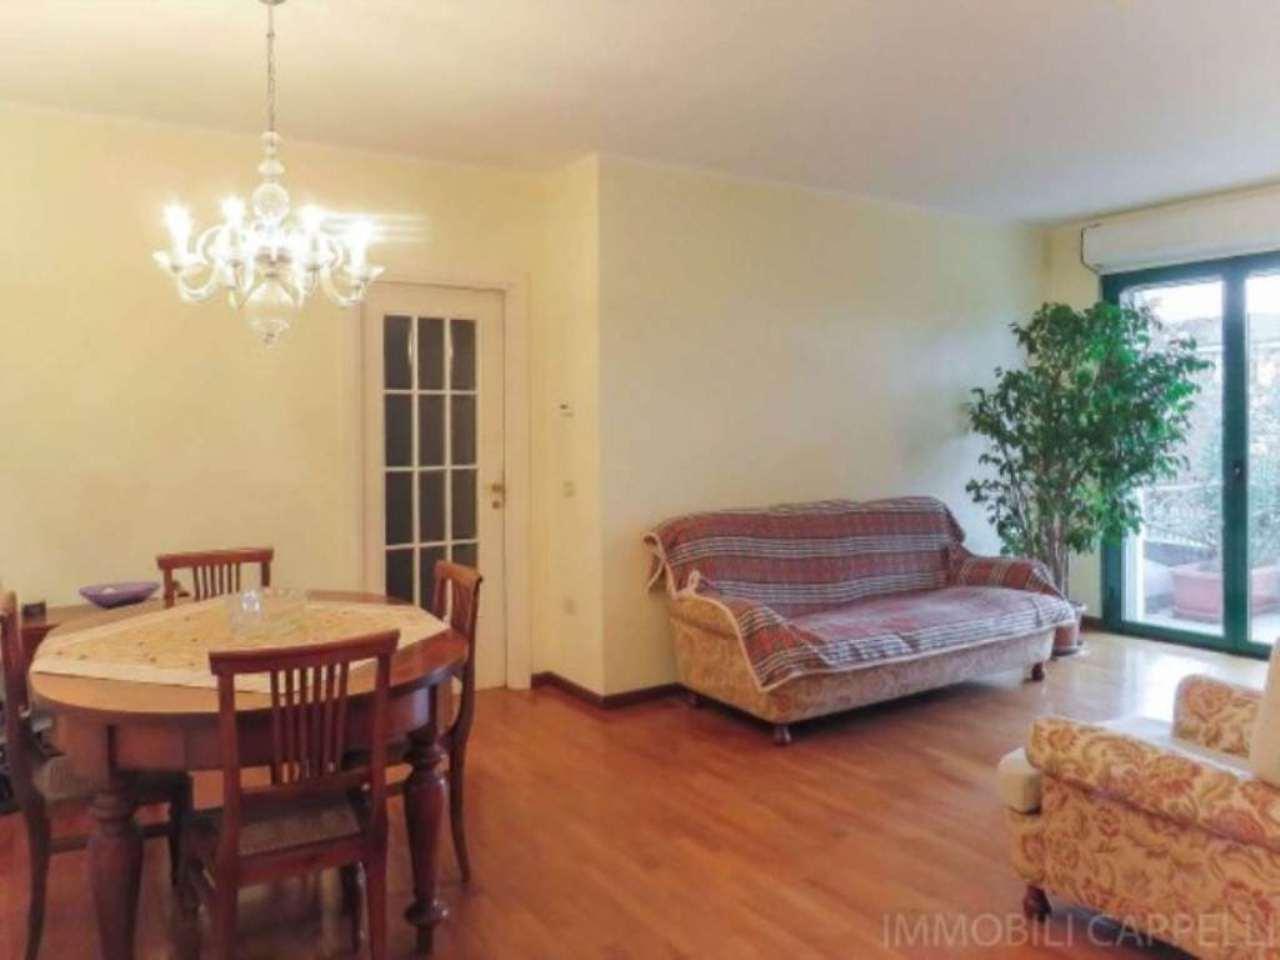 Appartamento in vendita a Forlimpopoli, 5 locali, prezzo € 198.000 | CambioCasa.it